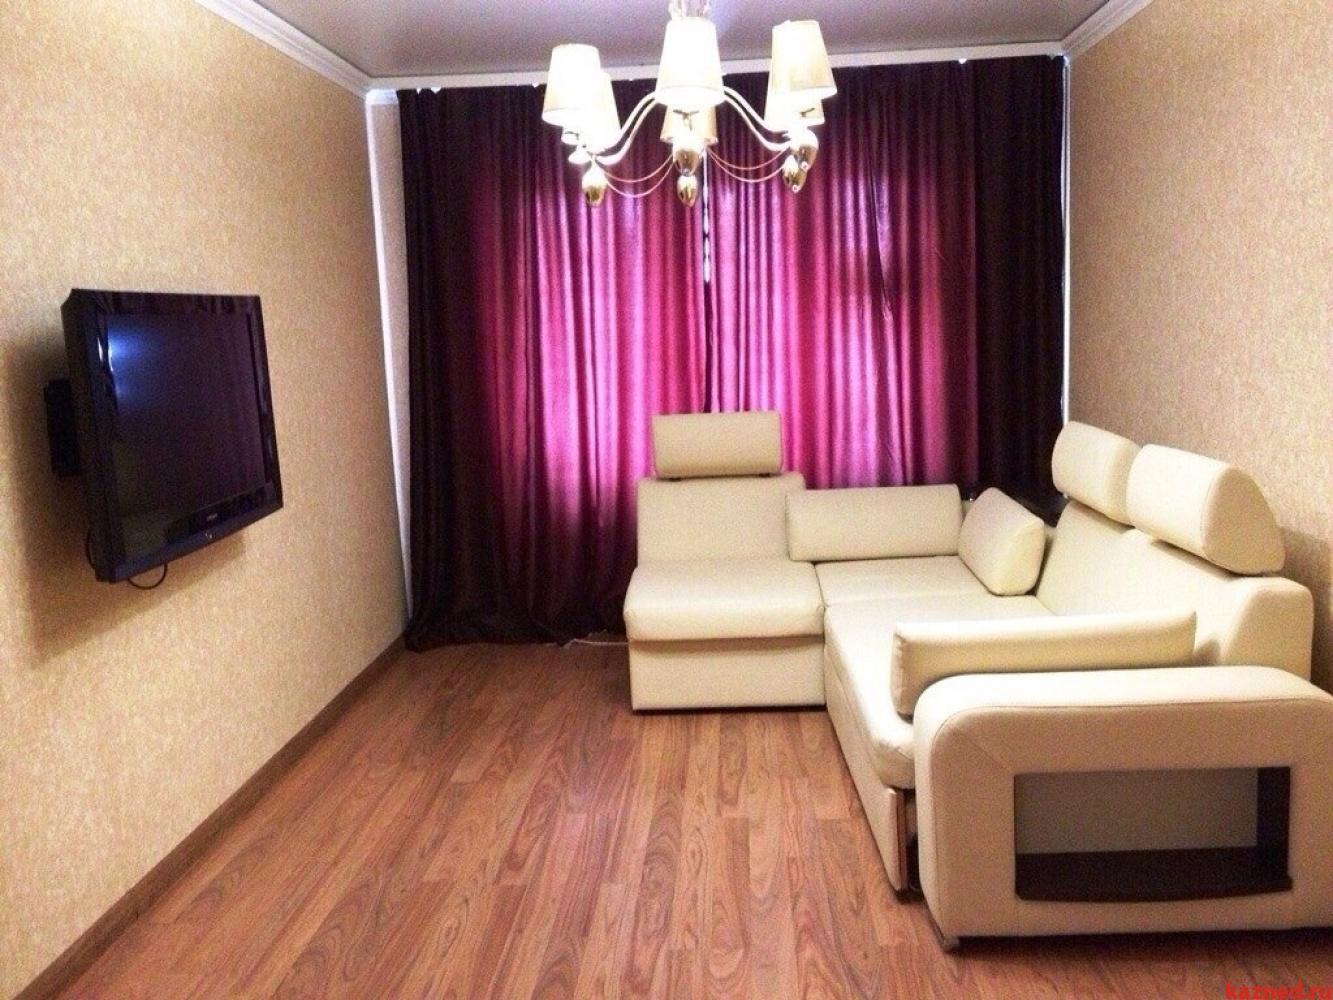 Продажа 2-к квартиры Проспект Победы,78, 66 м²  (миниатюра №2)